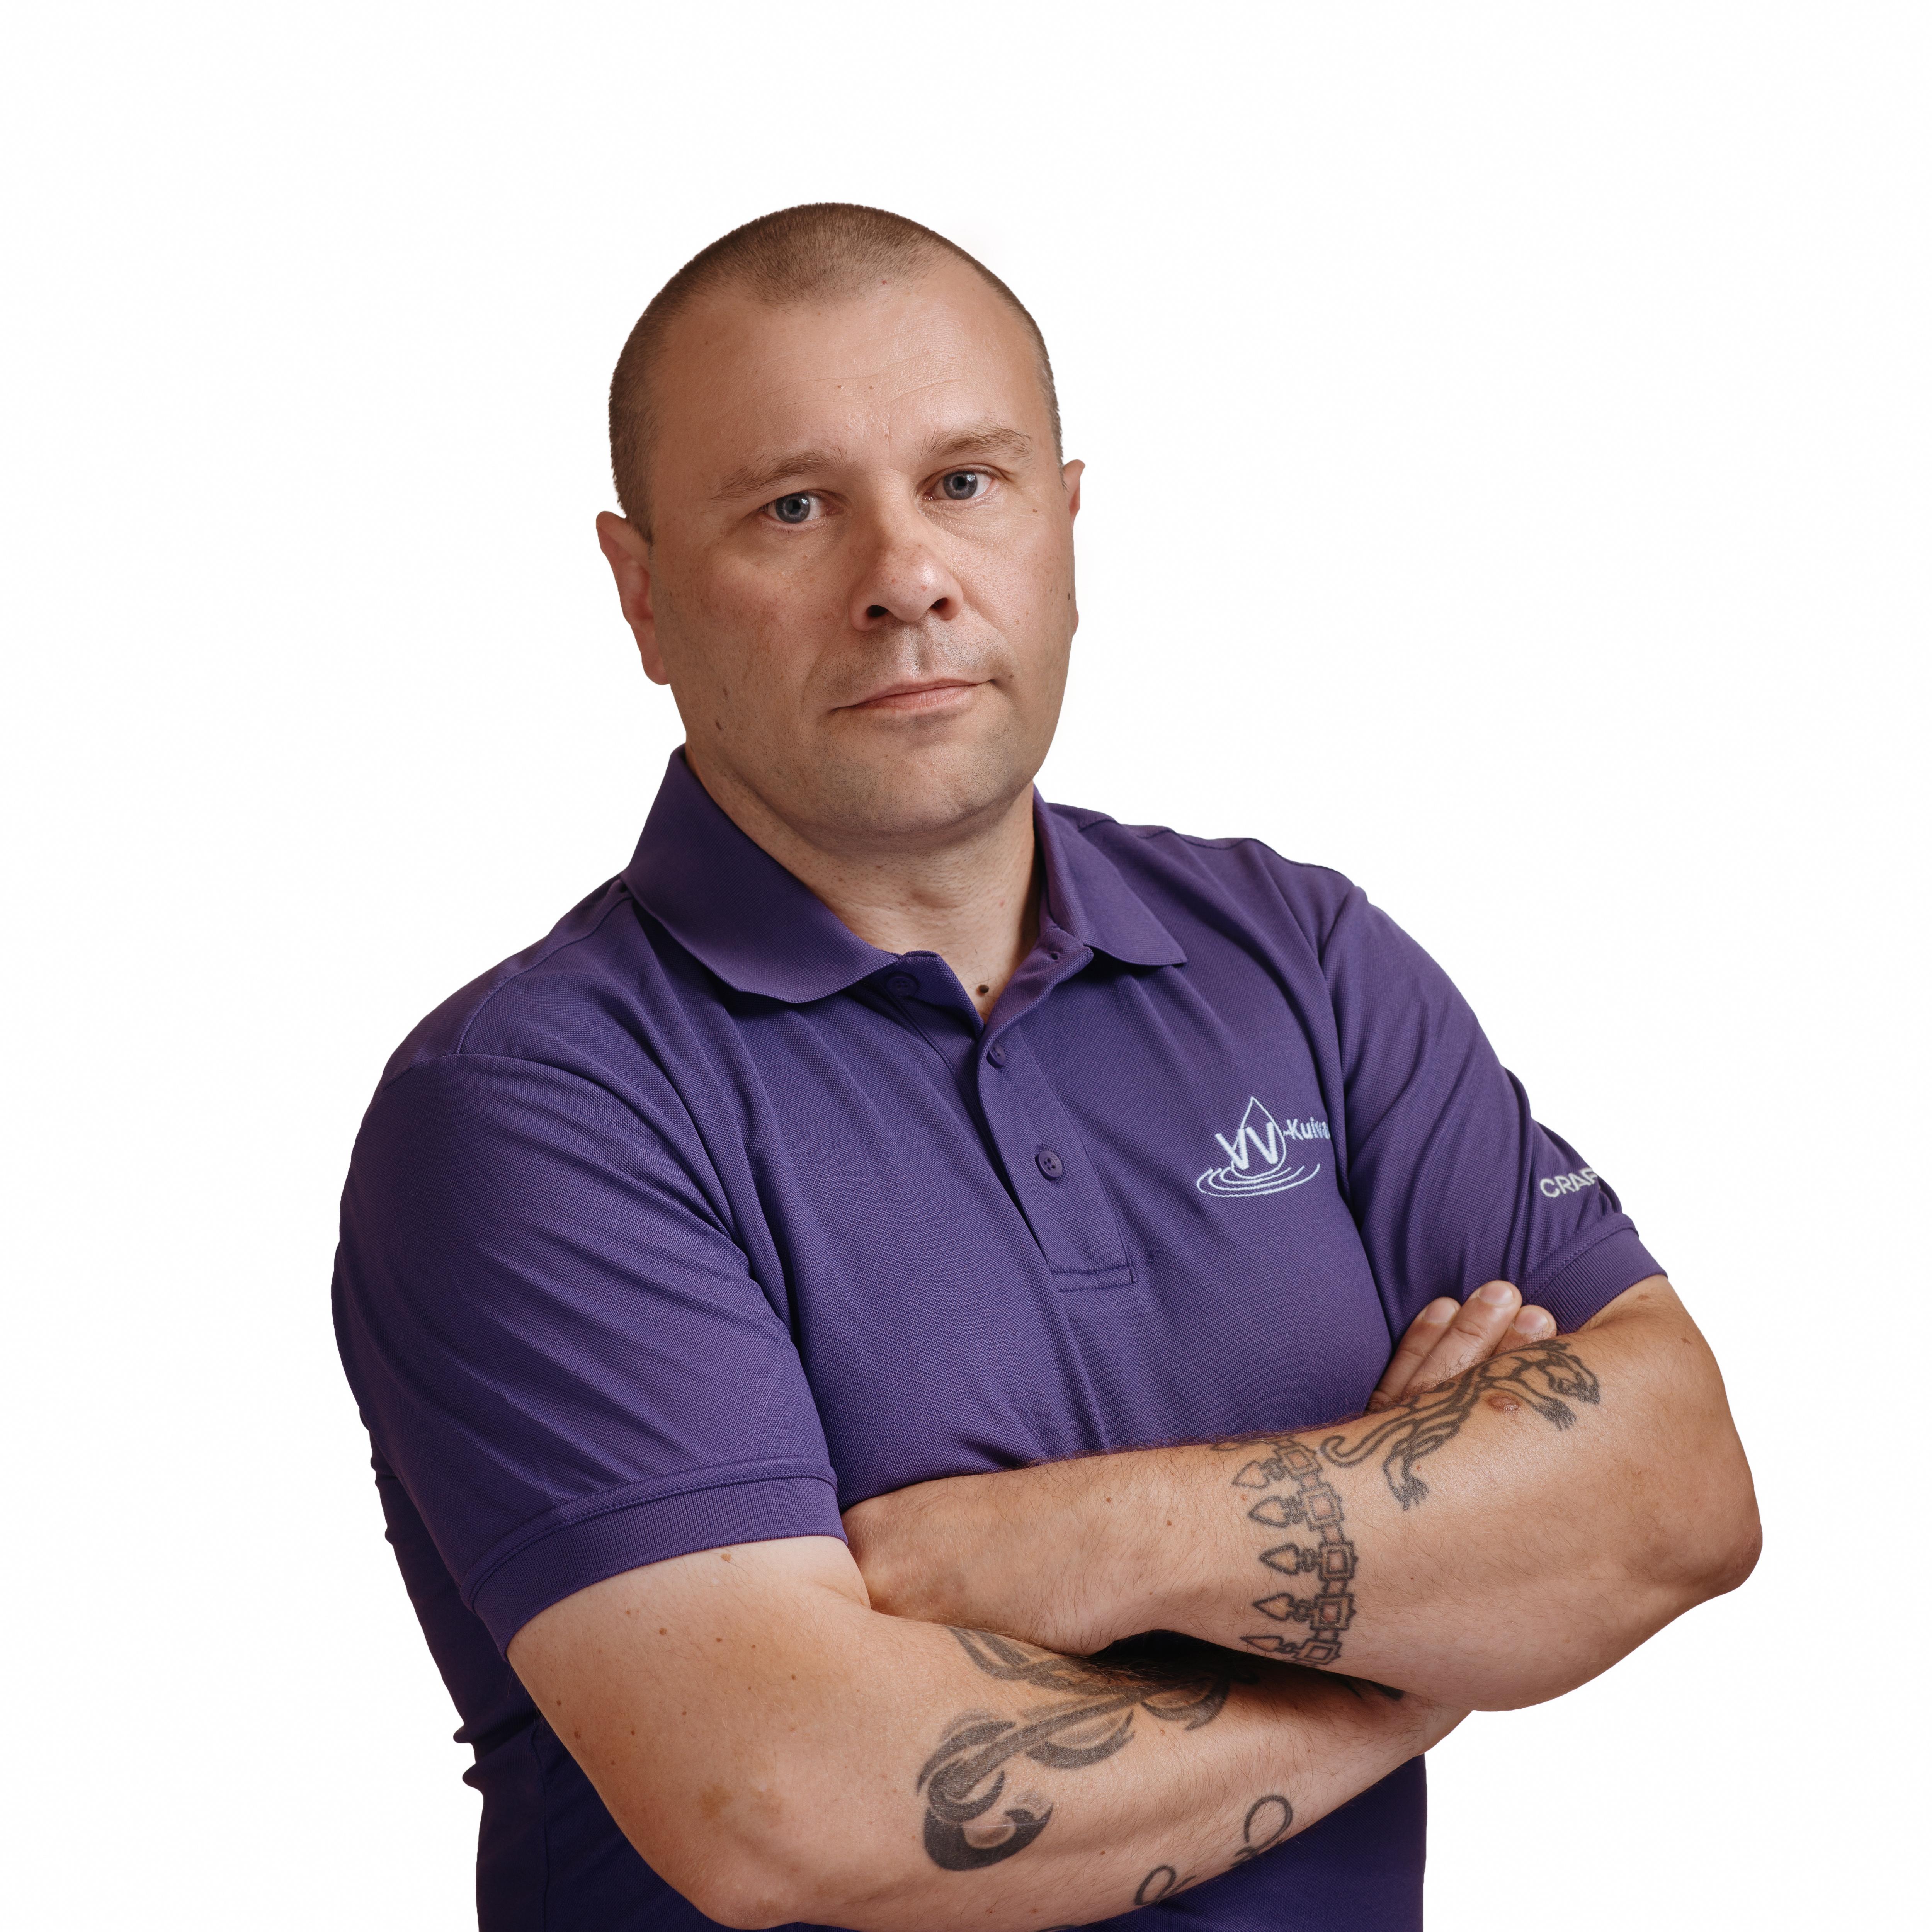 Veli-Pekka Luoma